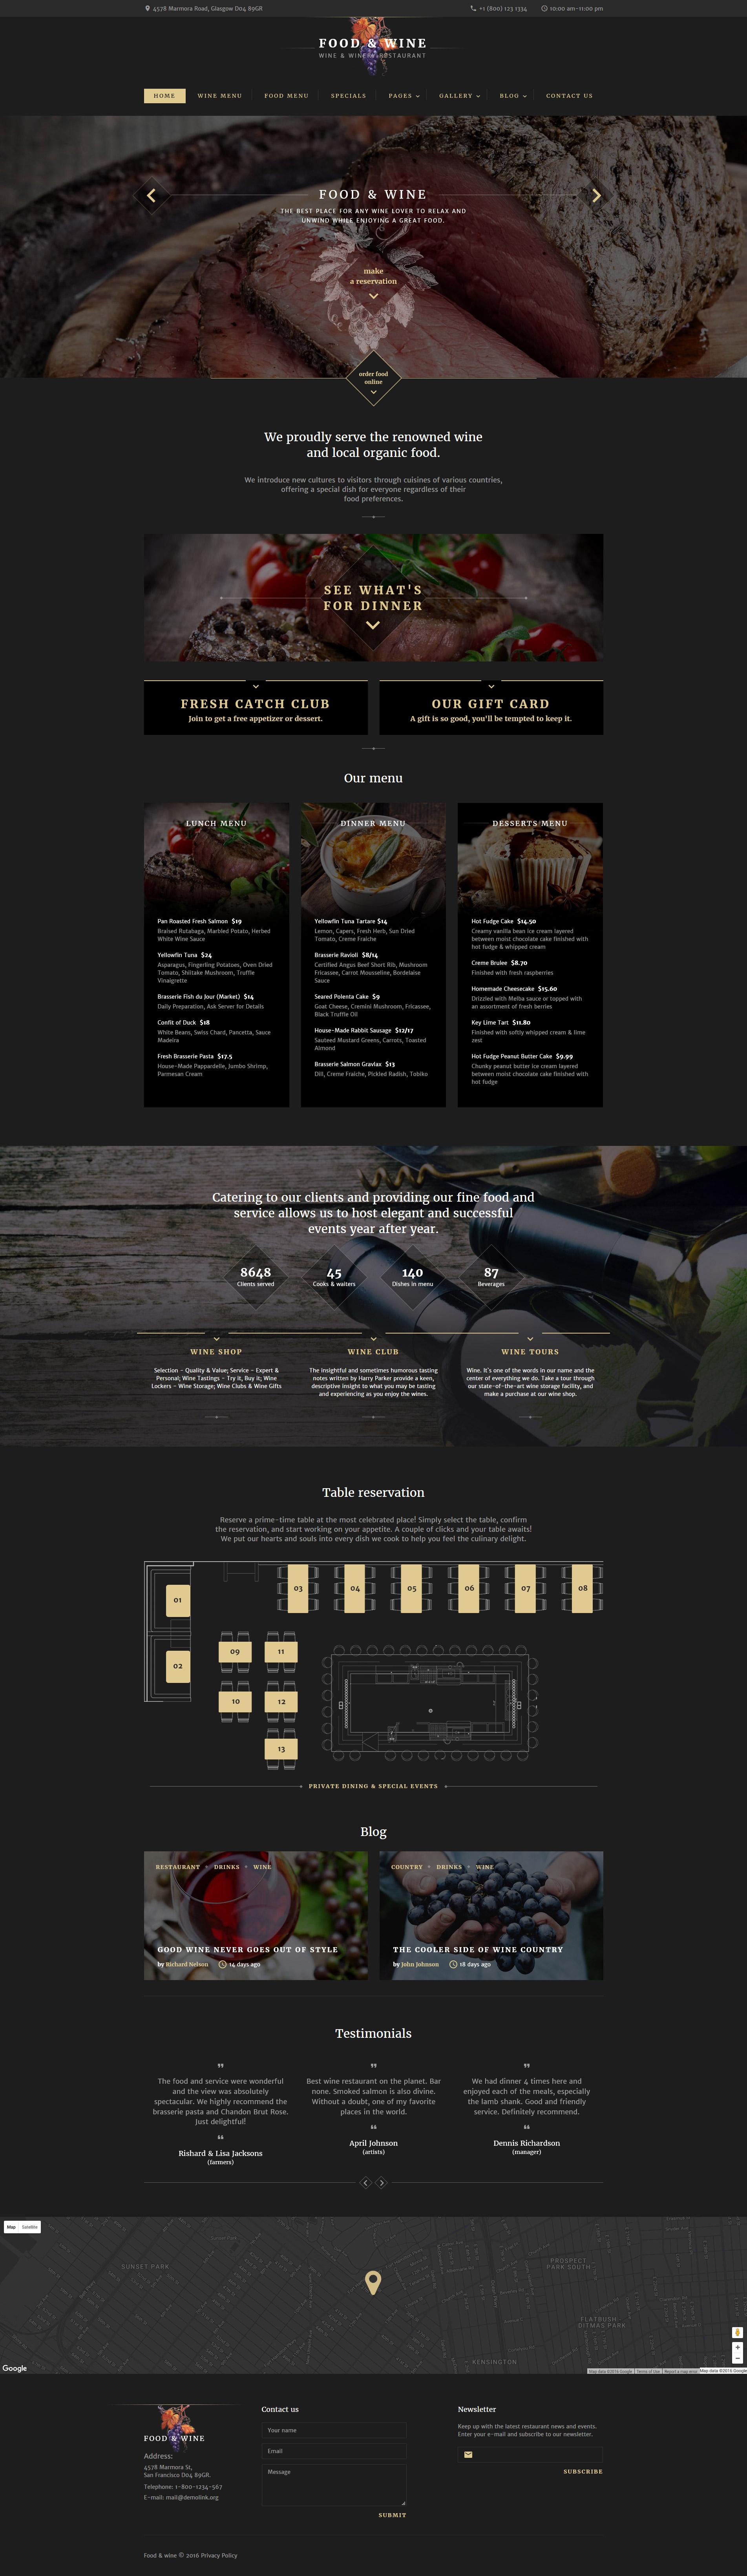 Reszponzív Food  Wine Weboldal sablon 60038 - képernyőkép